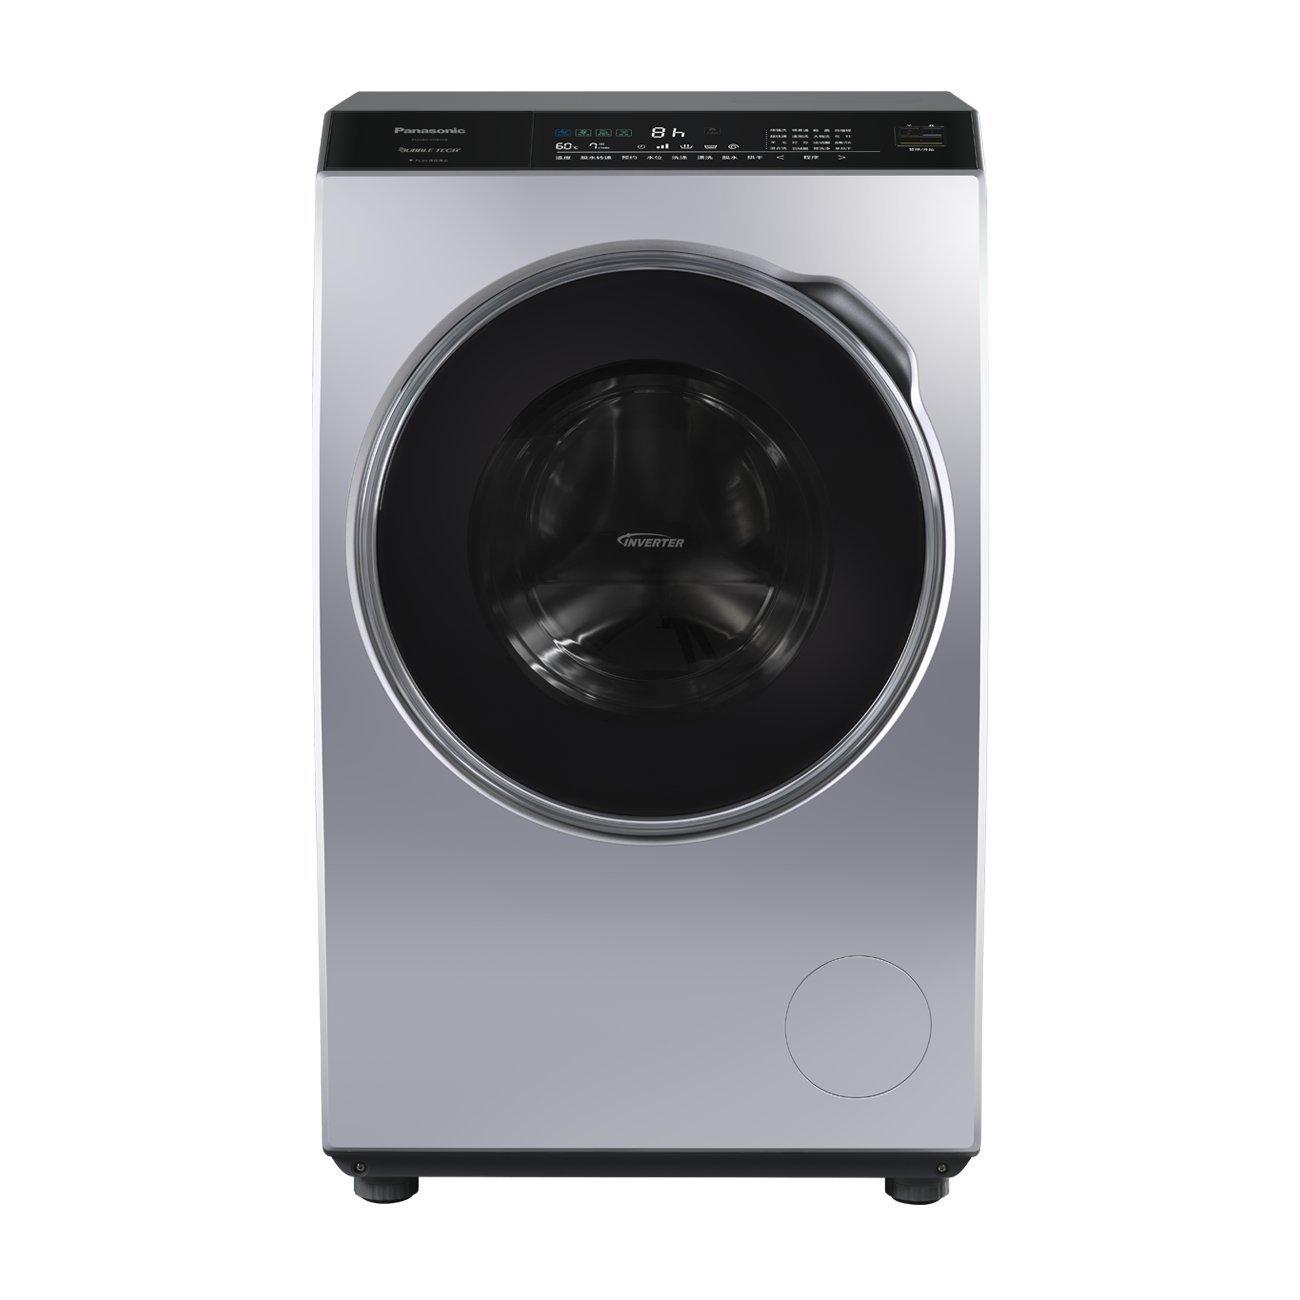 Máy giặt Panasonic Panasonic 9kg tự động hoàn toàn trống máy giặt công suất lớn thay đổi tần số 299